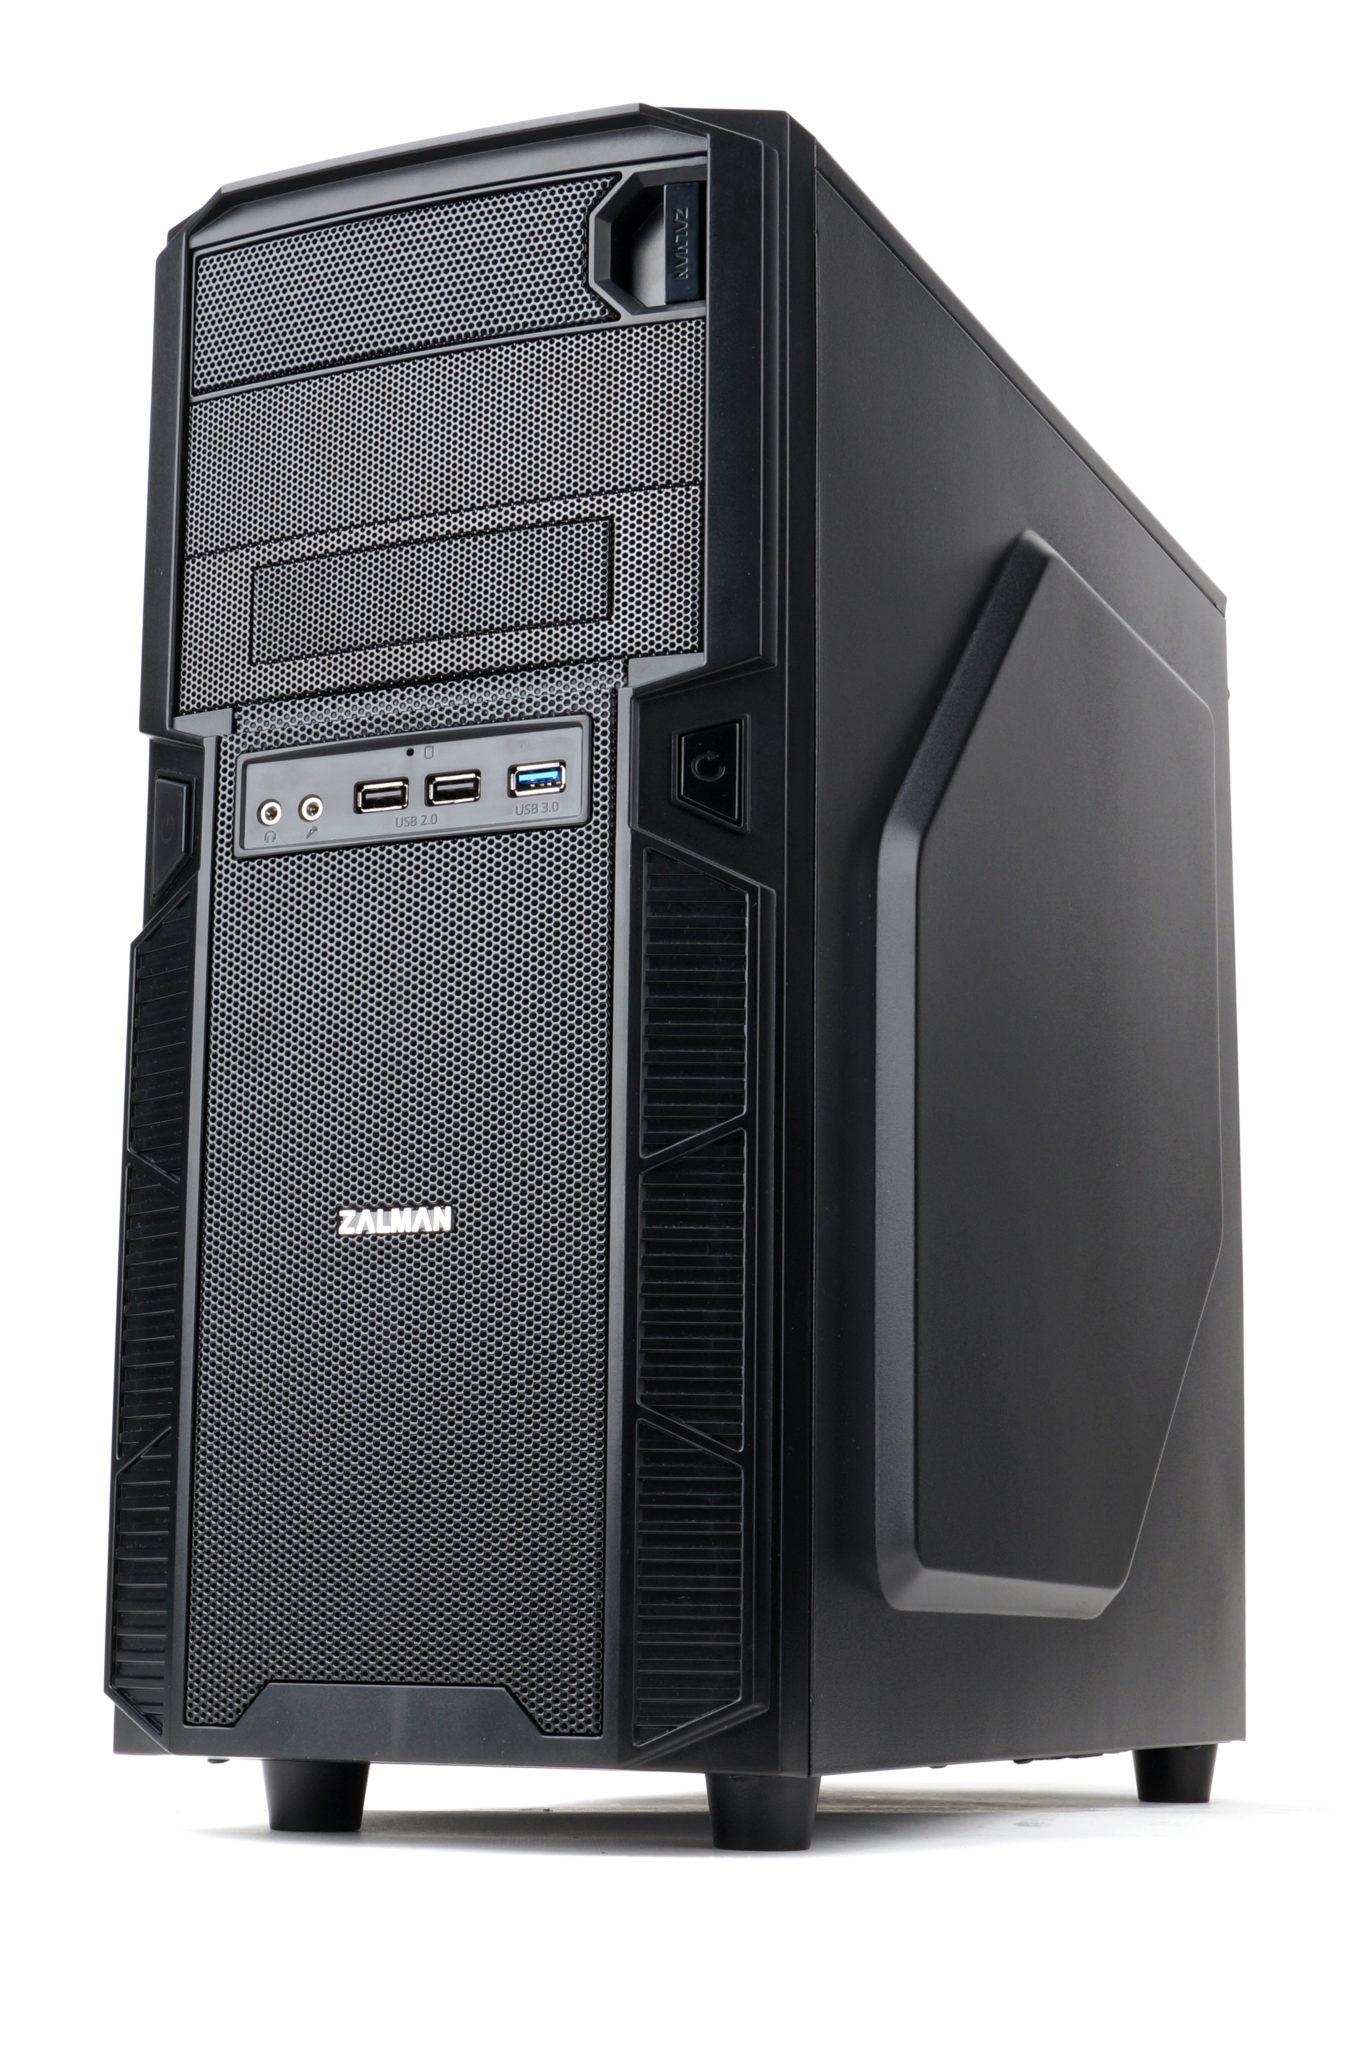 Zestaw komputerowy do biura za 1000 zł